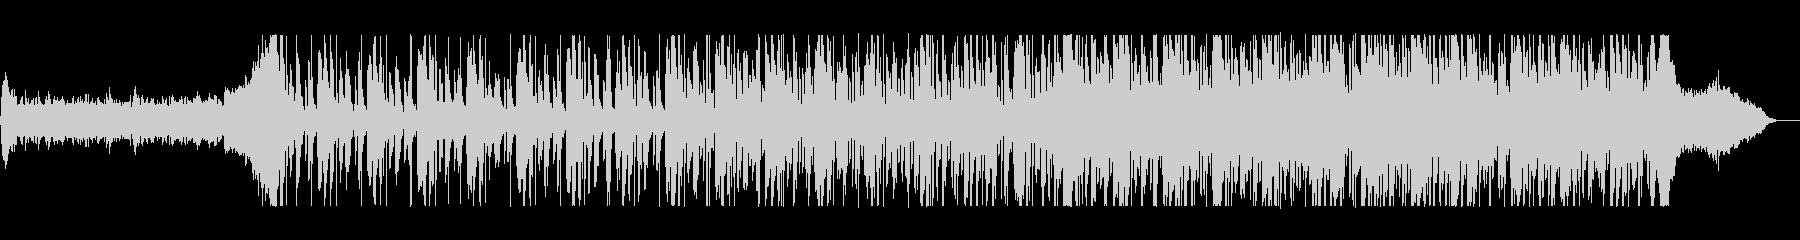 シリアスなバイオリン・ピアノなどのテクノの未再生の波形